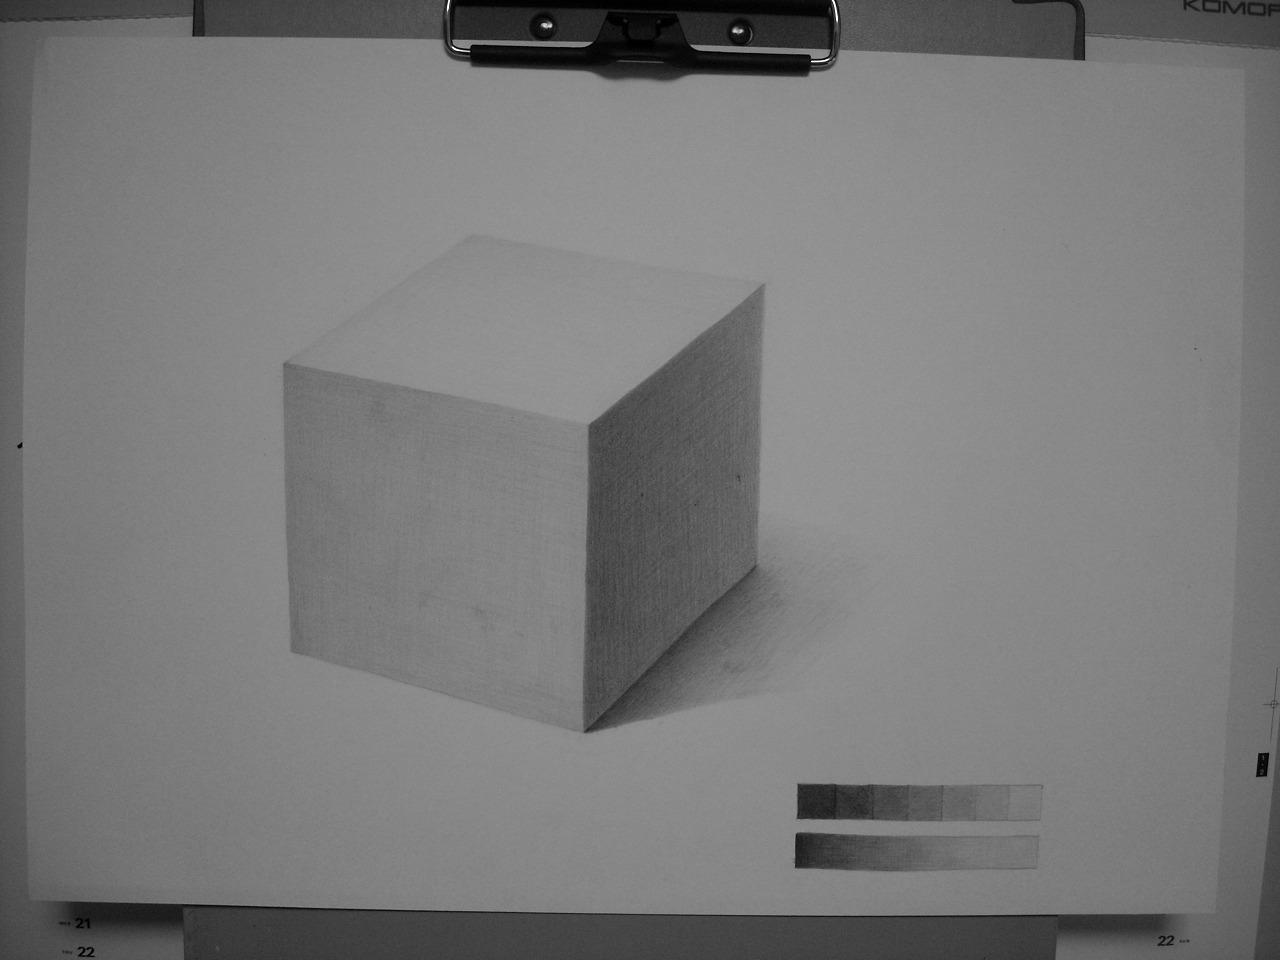 立方体16